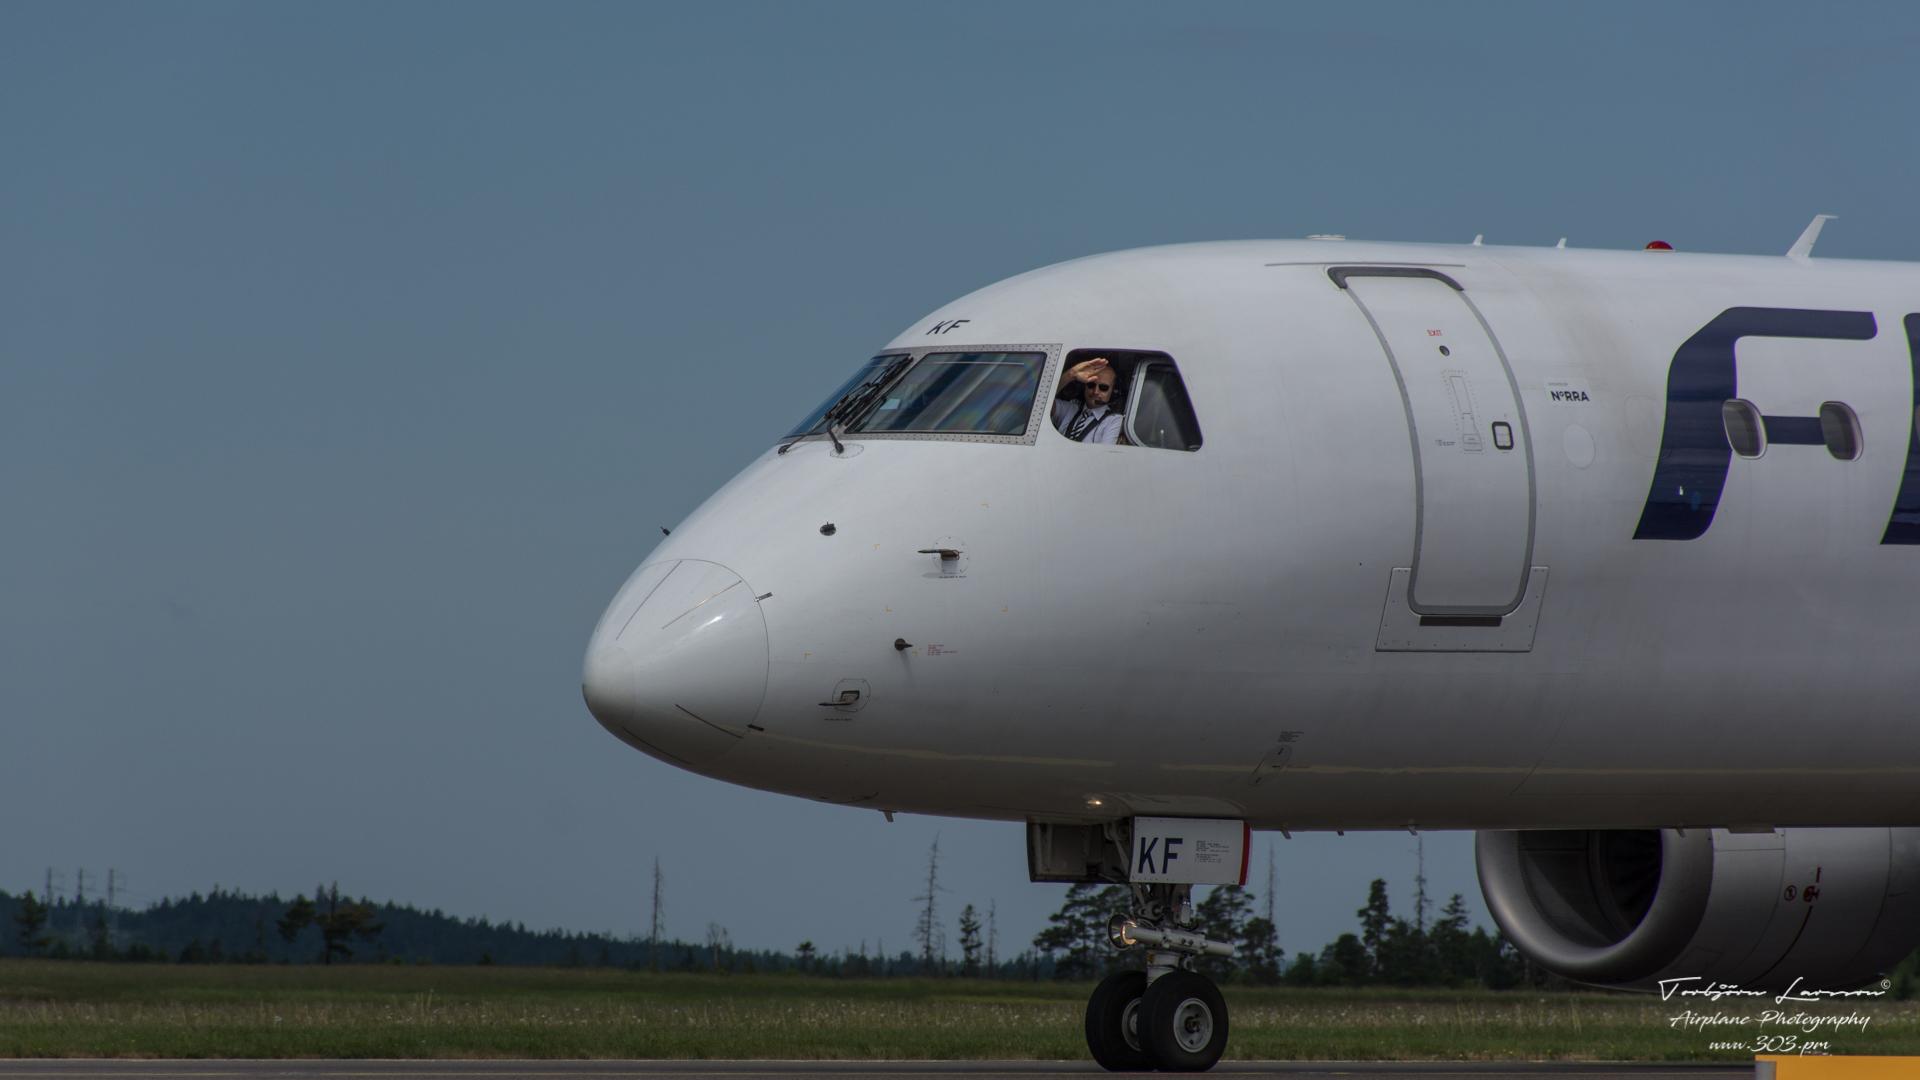 TBE_8763-Embraer Emb-190-100IGW - Finnair - (OH-LKF)